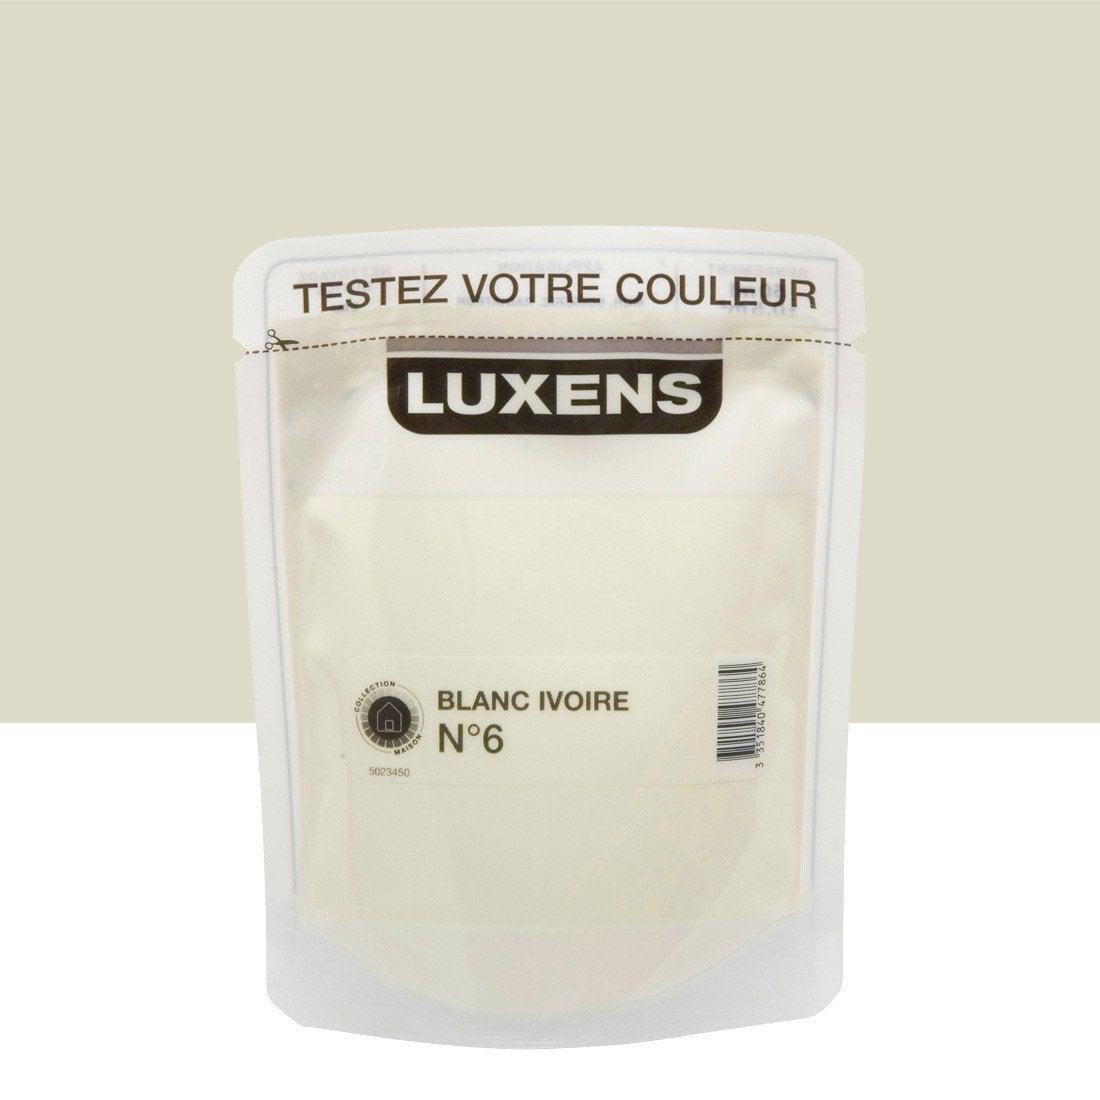 Testeur peinture blanc ivoire 6 luxens couleurs - Peinture luxens blanc satin ...